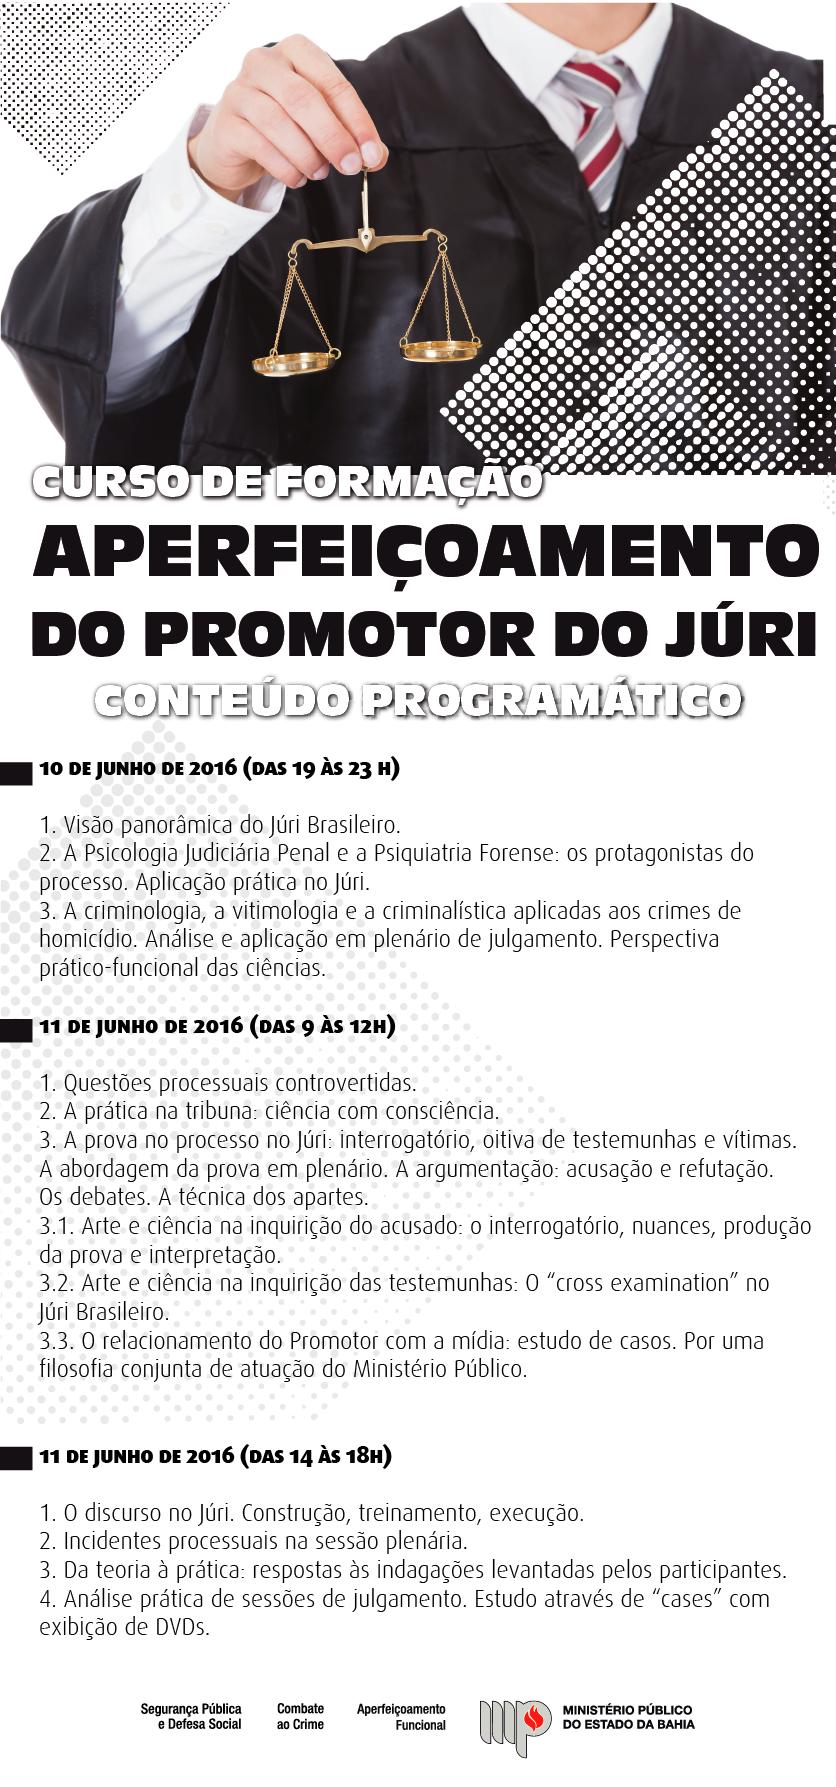 Conteúdo Pragramático-06